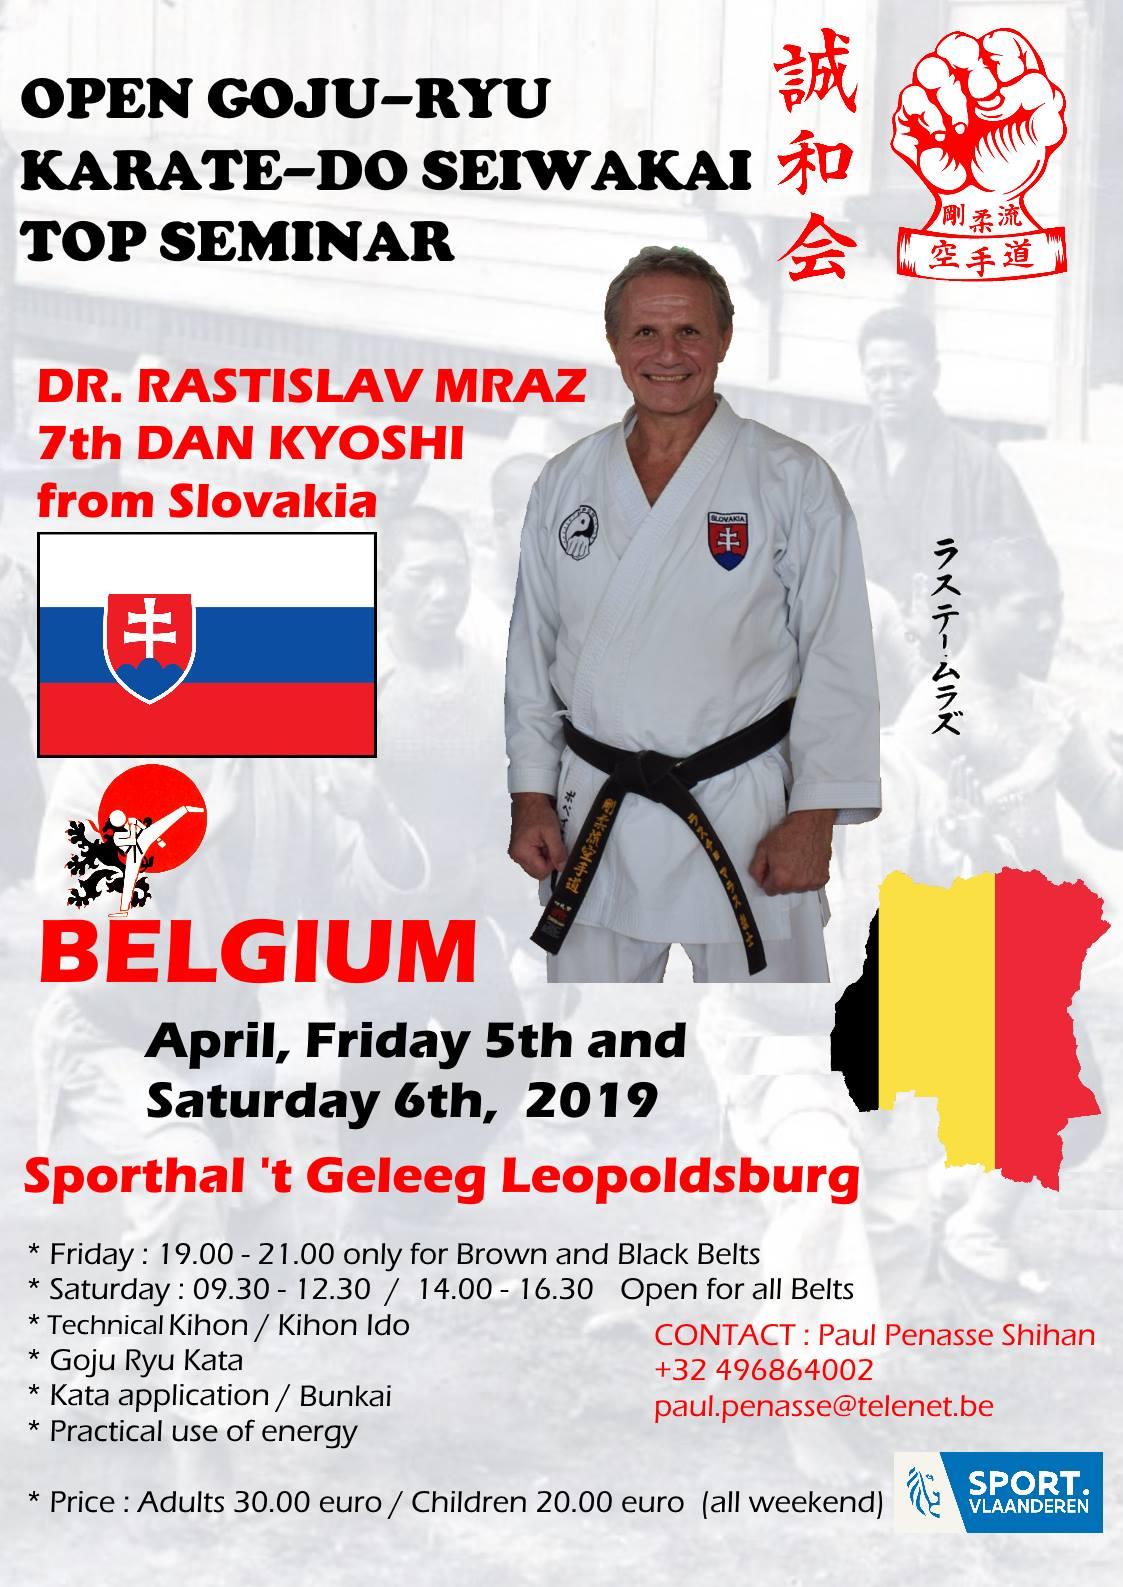 46489376 10218832959154320 4916374550343581696 o Open Goju Ryu Karate Do Seiwakai seminar